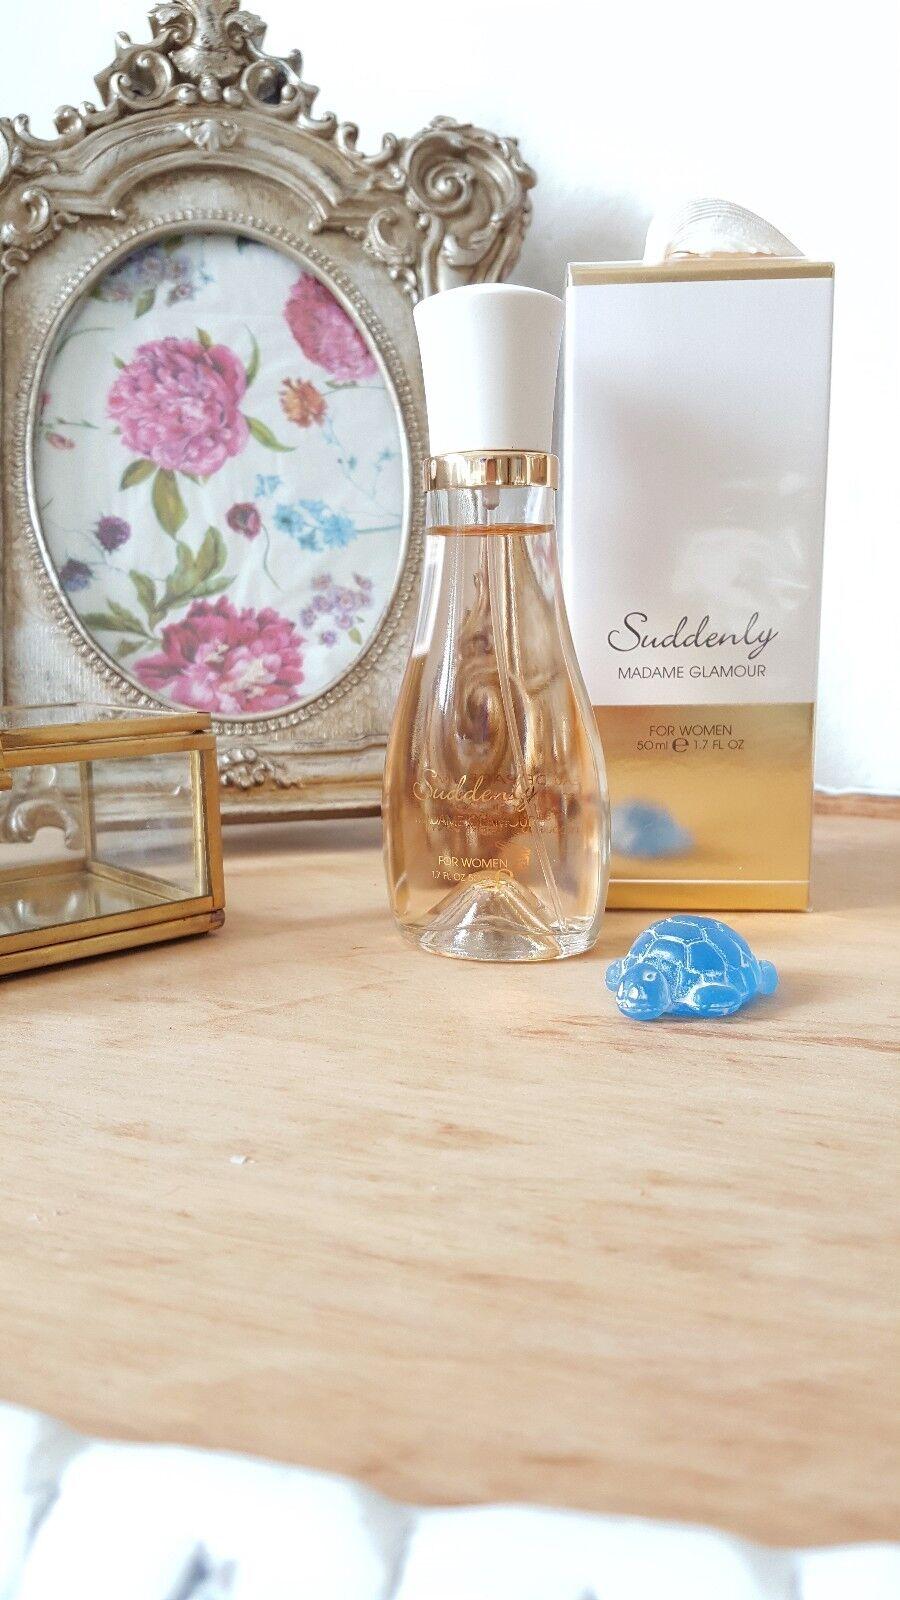 купить Neu Eau De Parfum Suddenly Madame Glamour Woman на Ebayde из